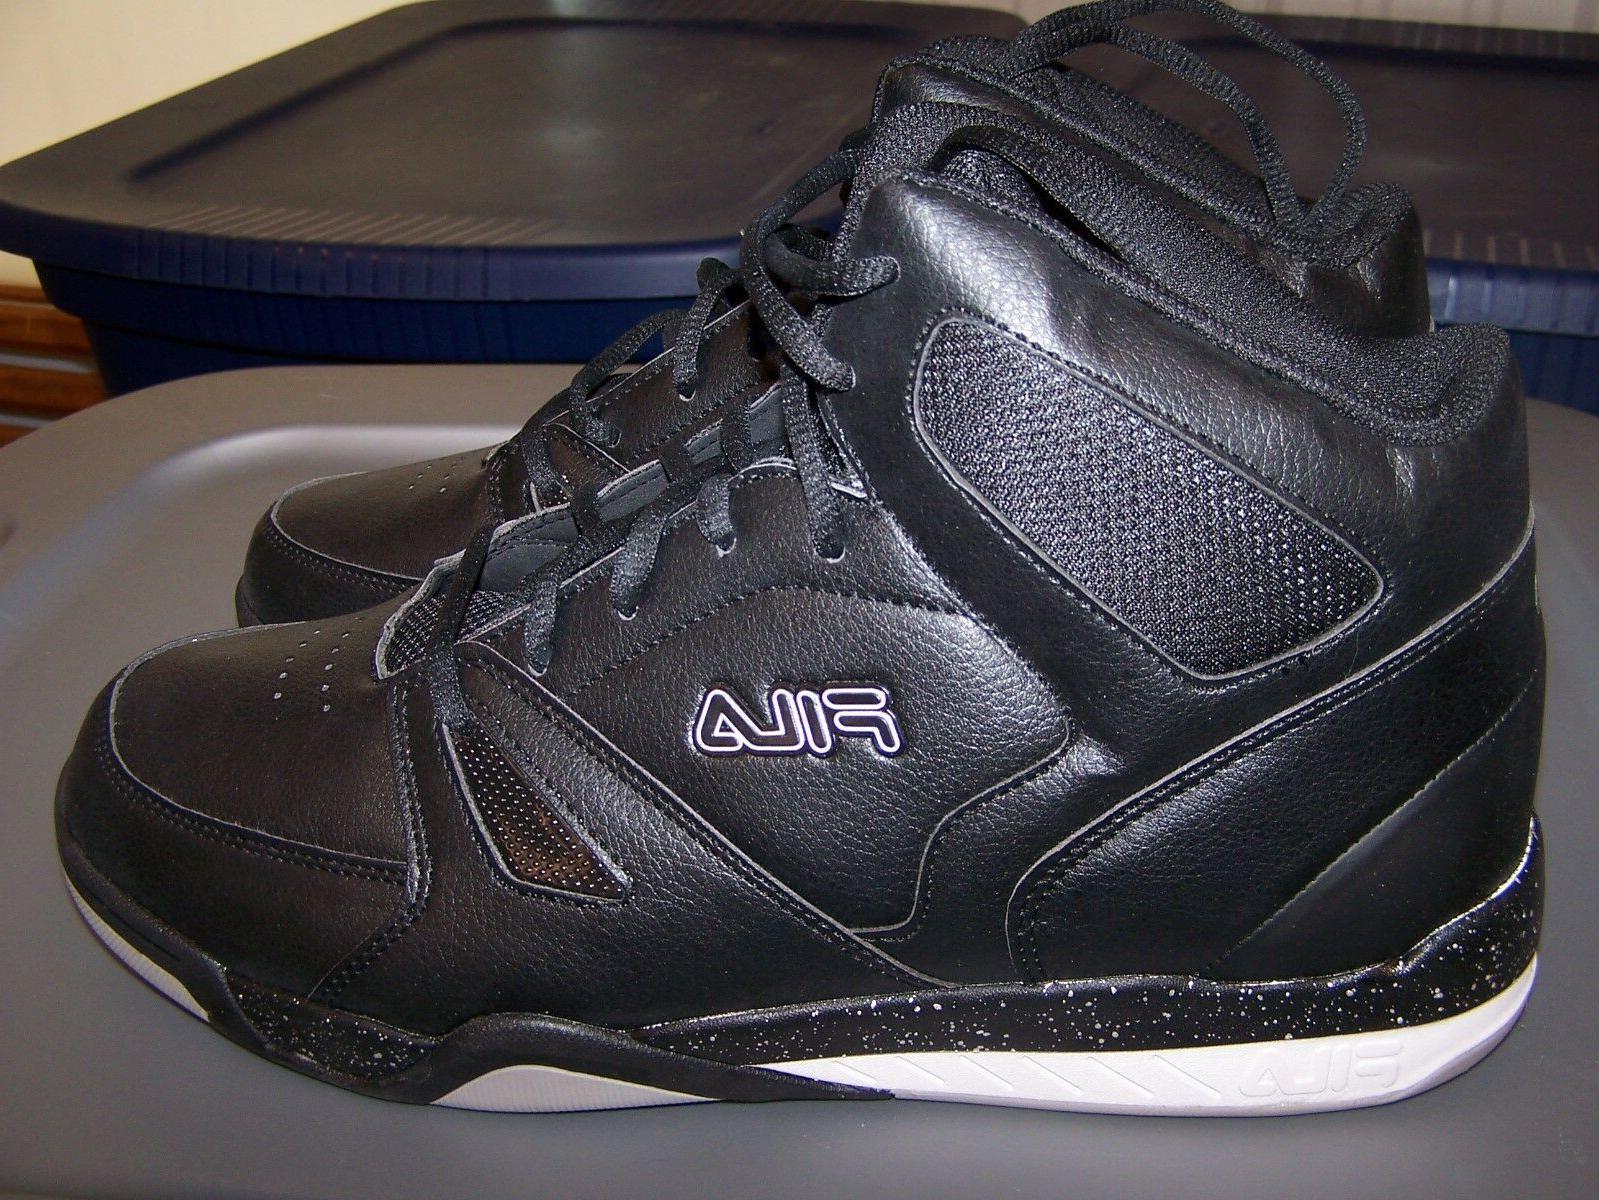 Fila Thunderceptor 2 Basketball Shoes Sneakers High Black Men's size 11.5